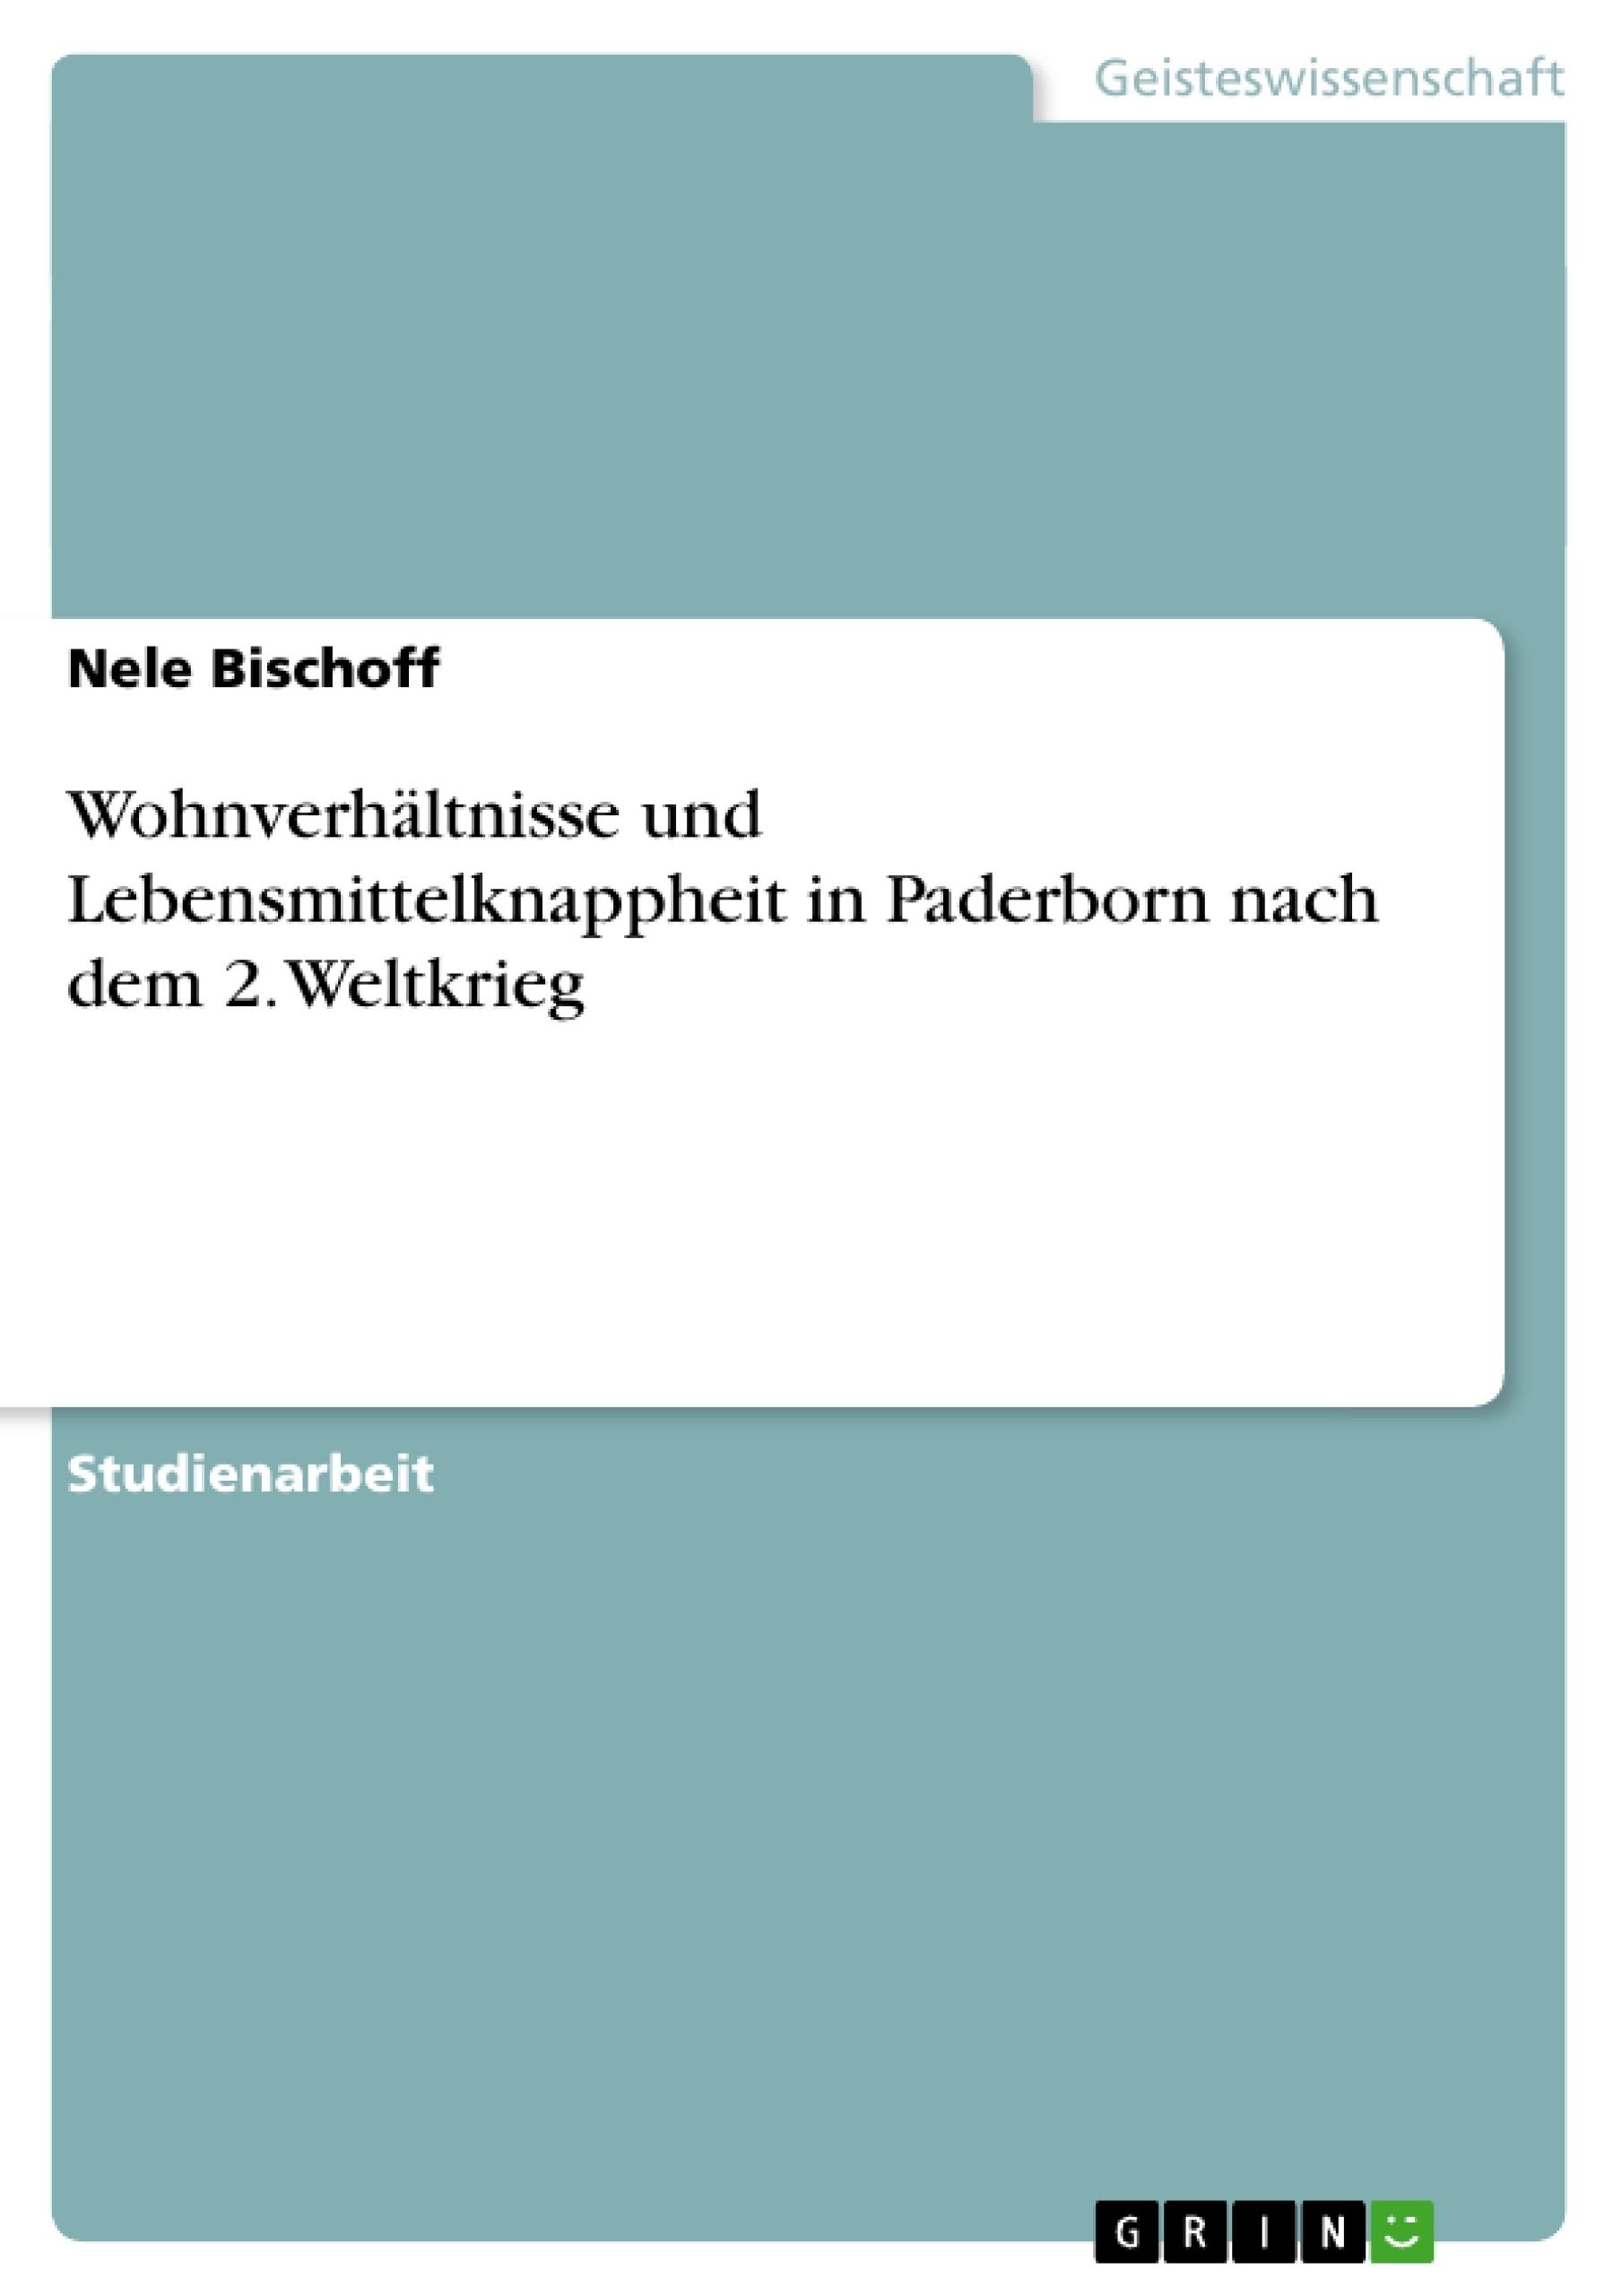 Titel: Wohnverhältnisse und Lebensmittelknappheit in Paderborn nach dem 2. Weltkrieg